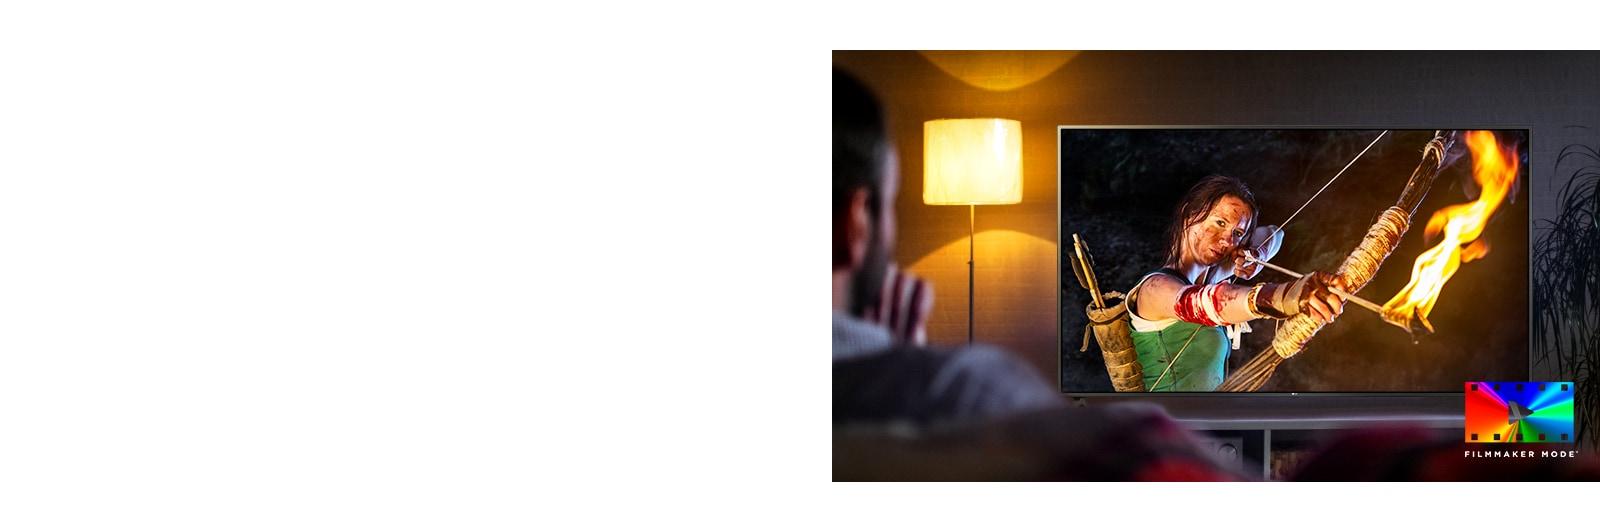 Férfi ül a kanapén, és akciófilmet néz. A TV képernyőjén egy lány teljesen megfeszített íjjal és nyíllal.